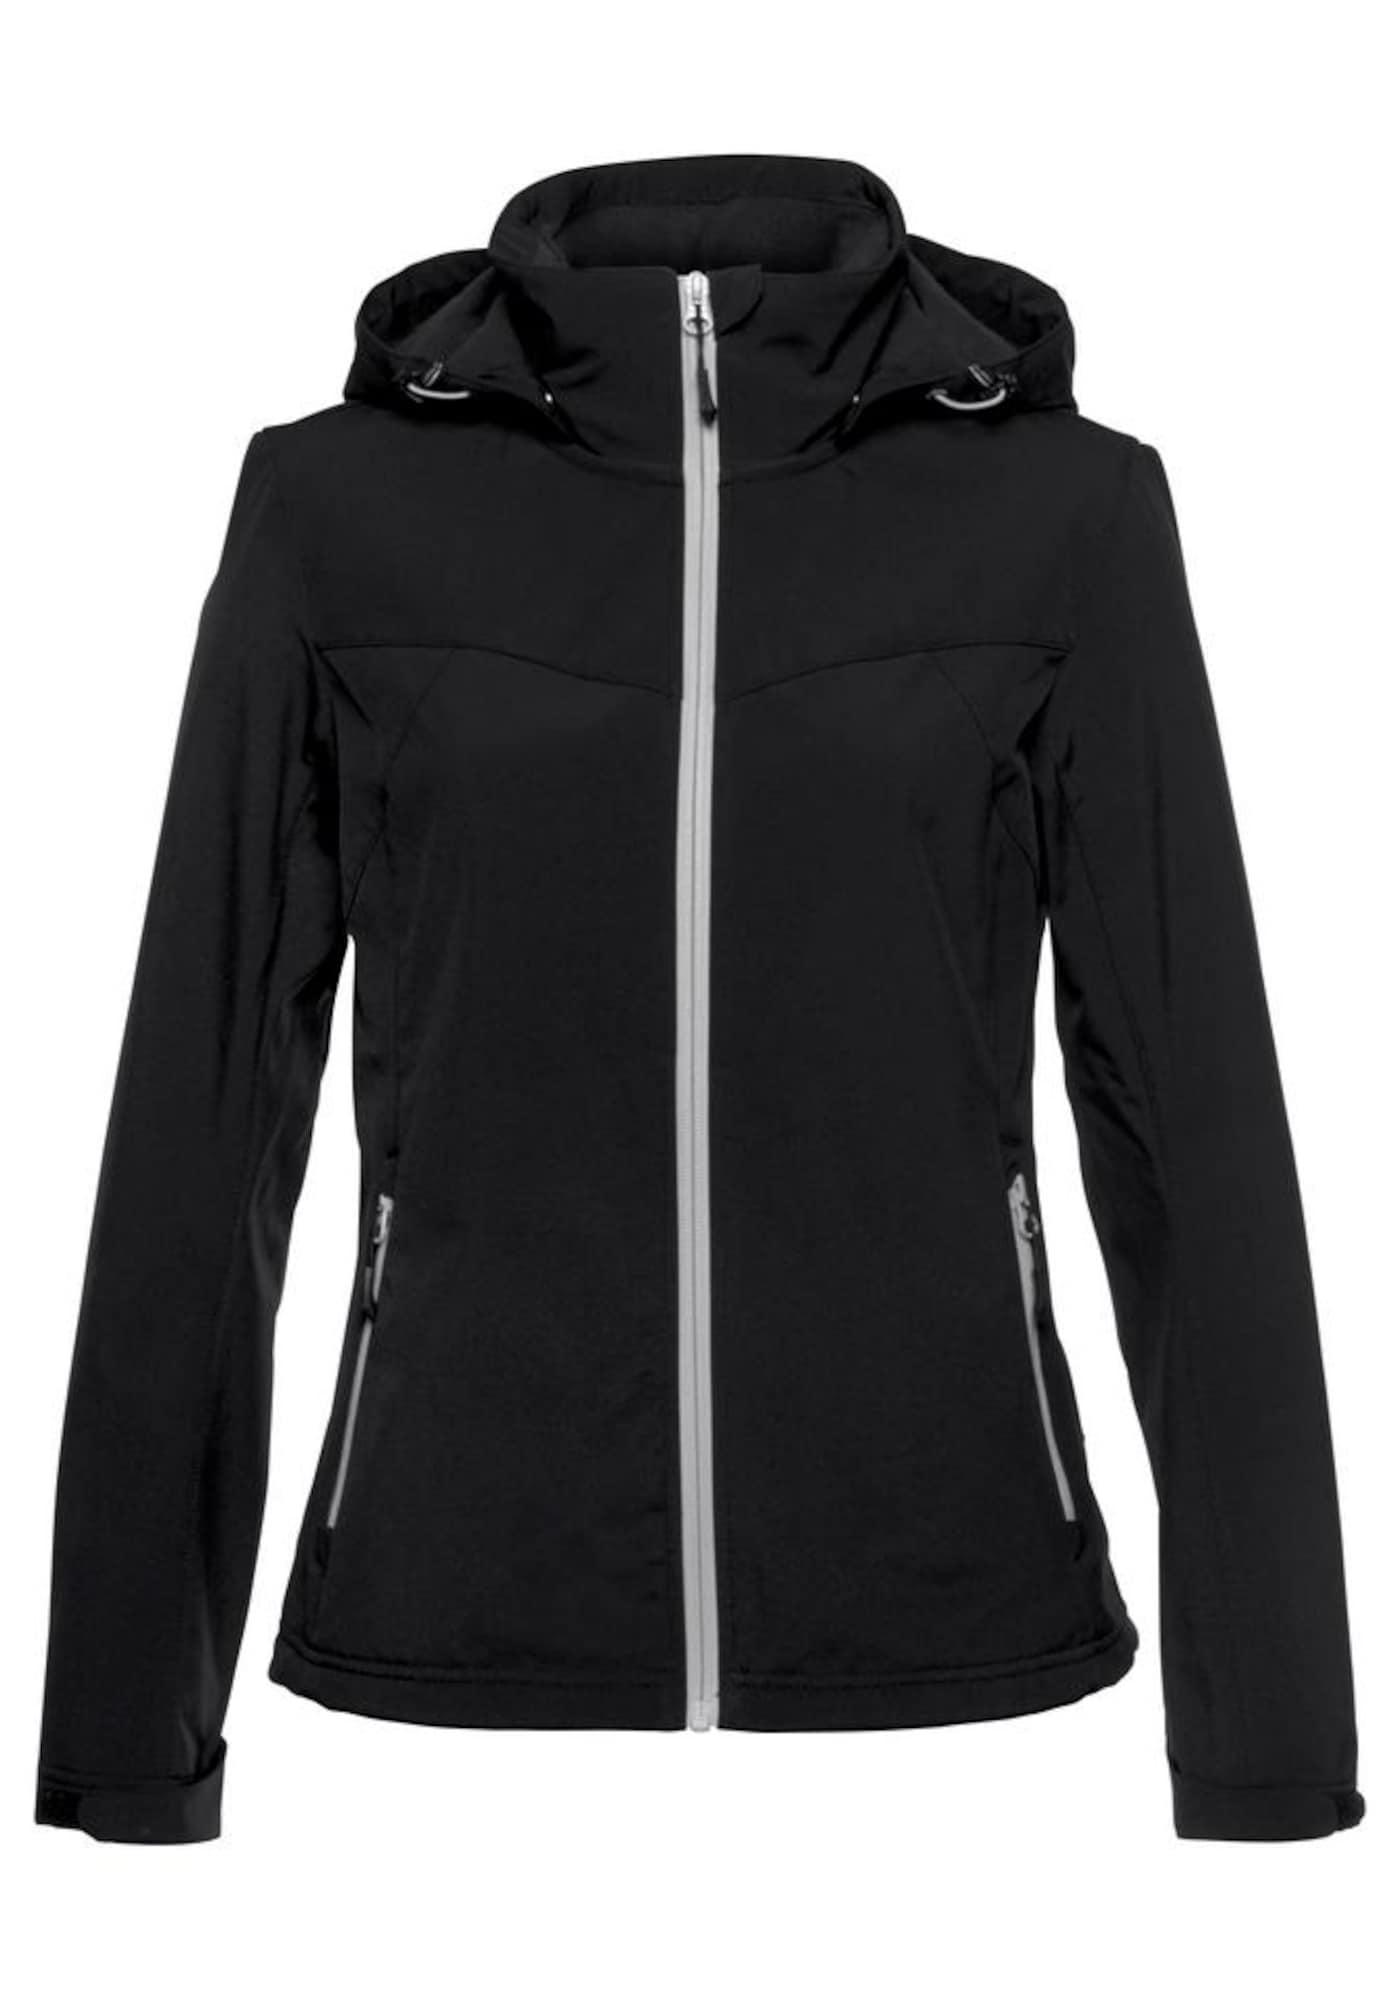 Outdoorová bunda černá bílá ICEPEAK